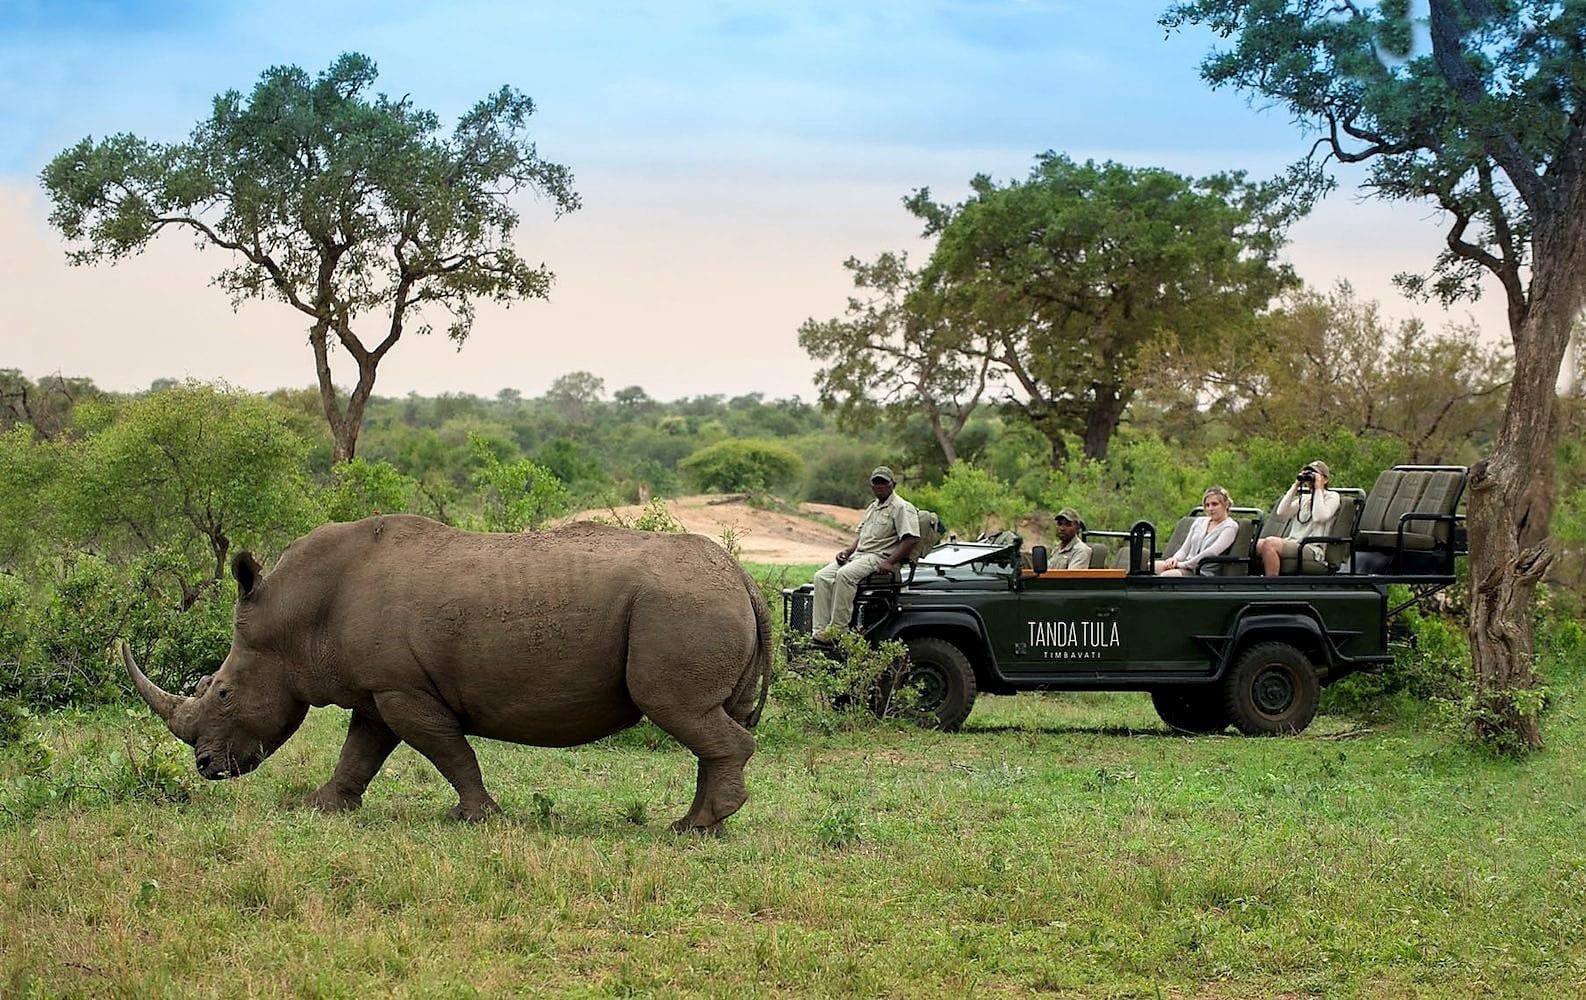 Rhino on Tanda Tula drive